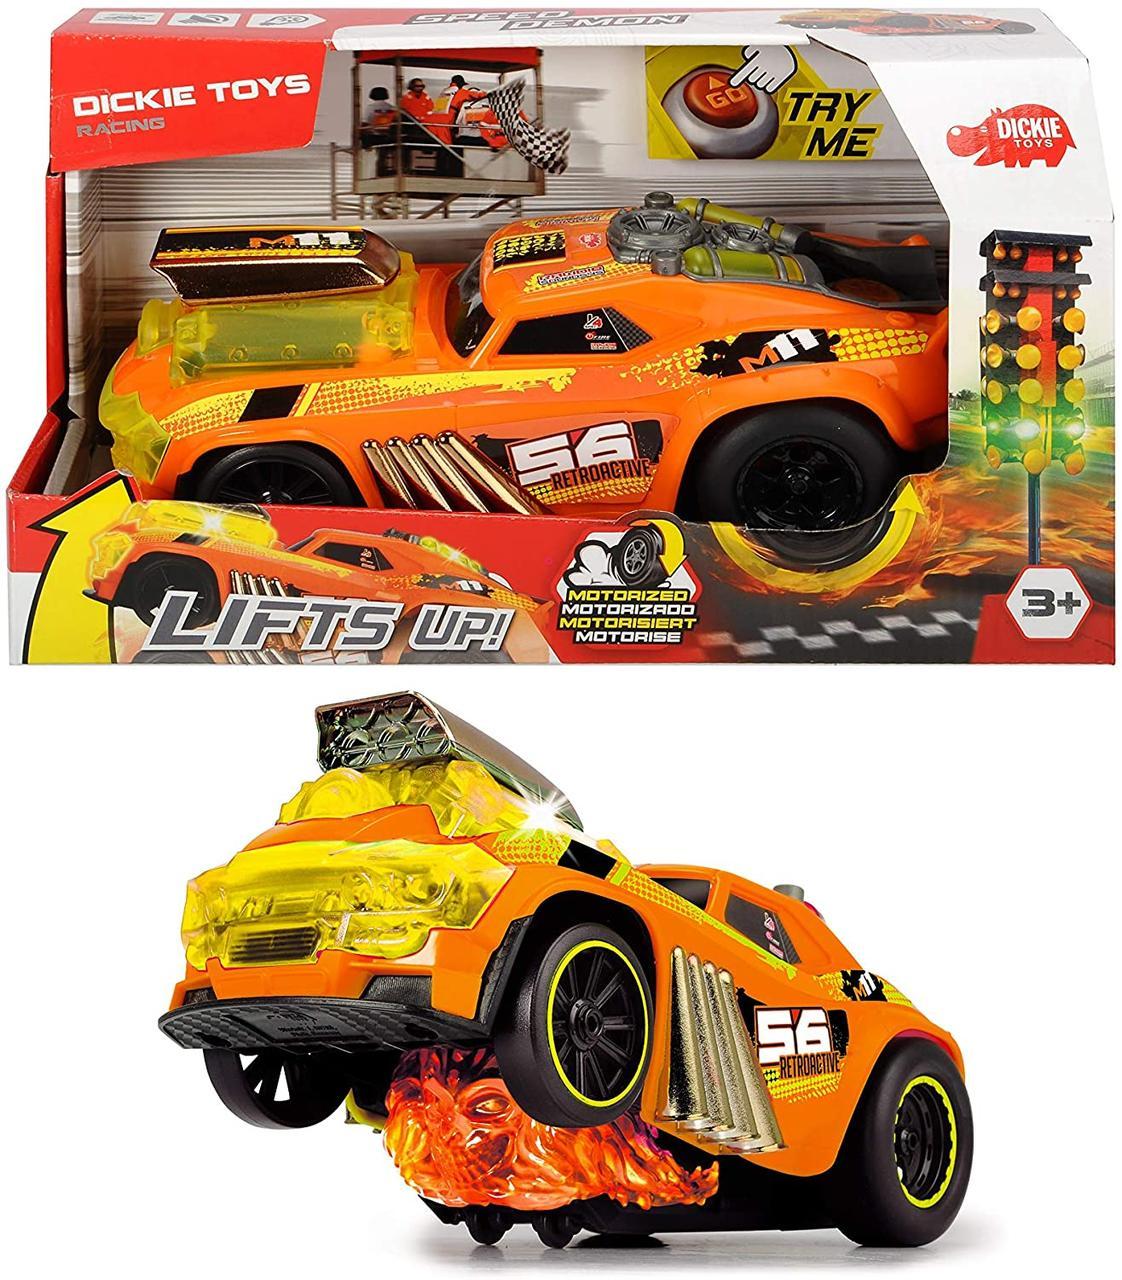 Скоростной автомобиль Демоническая скорость с функцией езды на задних колесах Dickie Toys 3764008